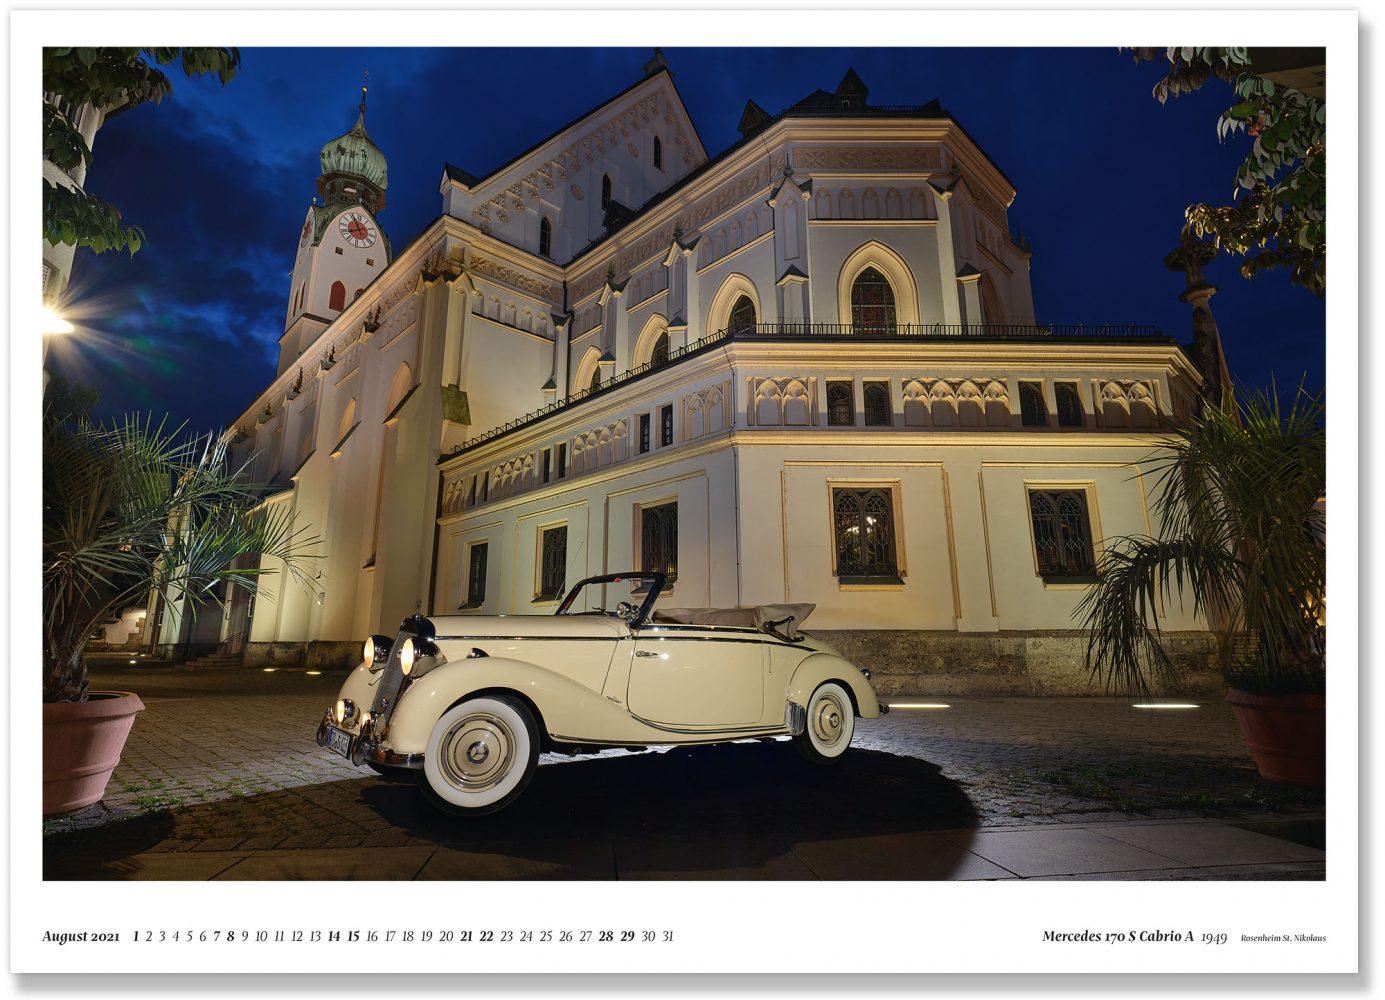 Mercedes 170 S Cabrio A 1949 Rosenheim St. Nikolaus